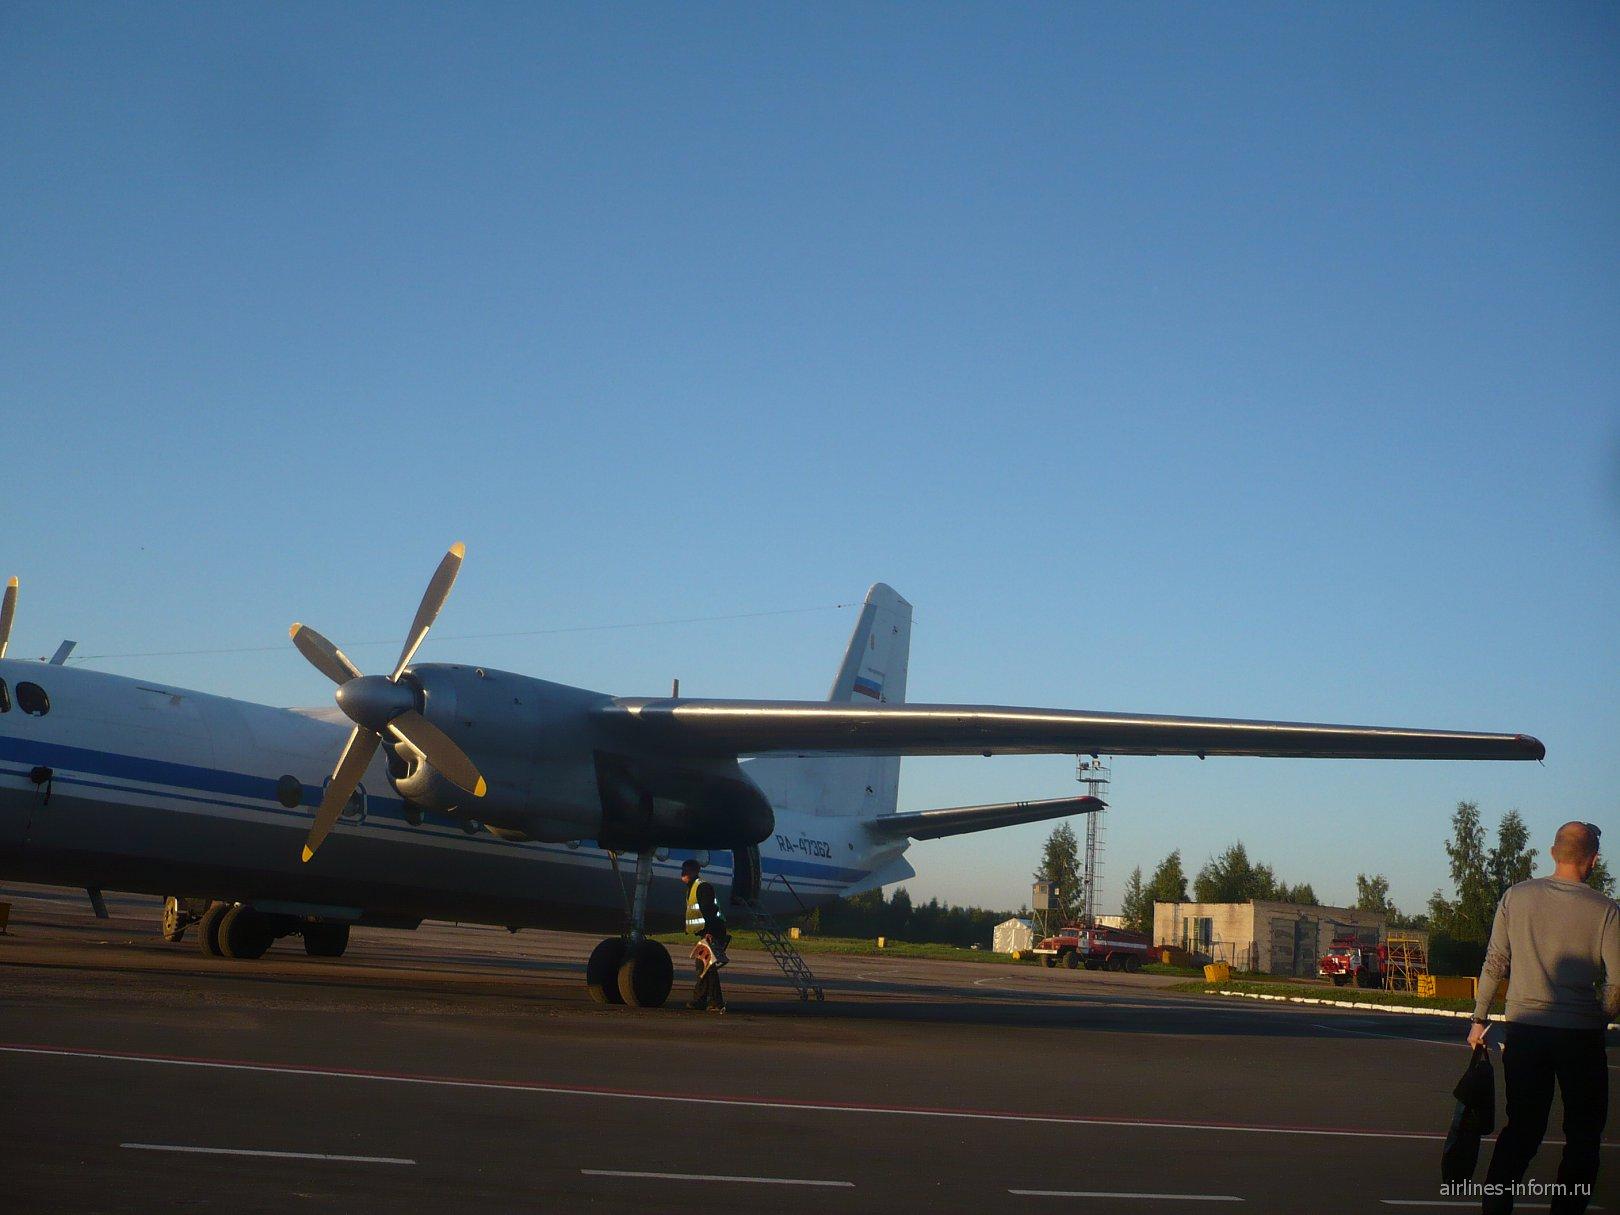 Самолет Ан-24 авиакомпании Псковавиа